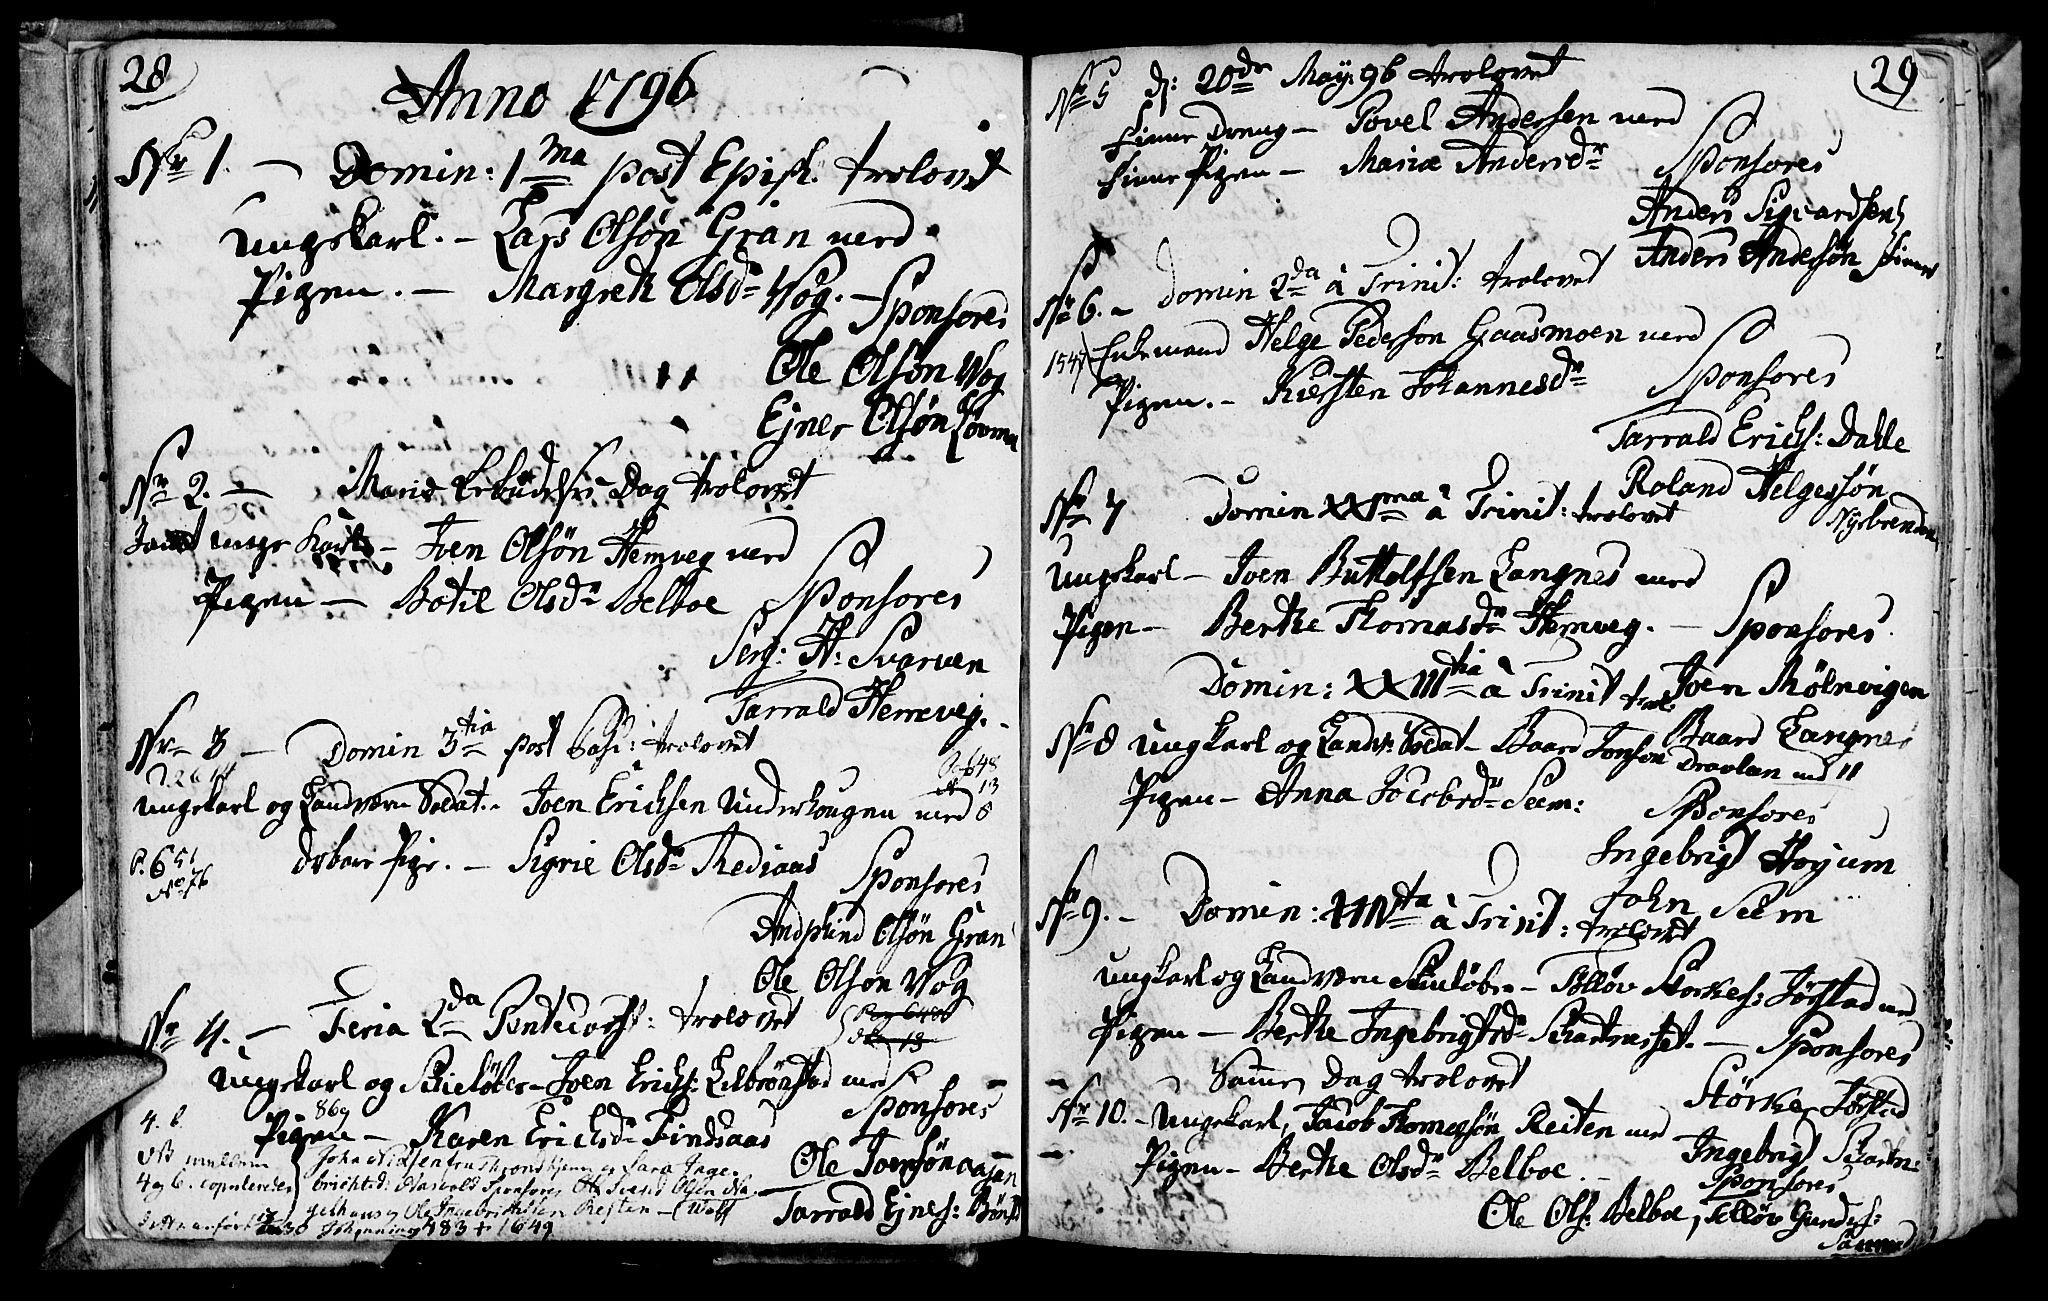 SAT, Ministerialprotokoller, klokkerbøker og fødselsregistre - Nord-Trøndelag, 749/L0468: Ministerialbok nr. 749A02, 1787-1817, s. 28-29